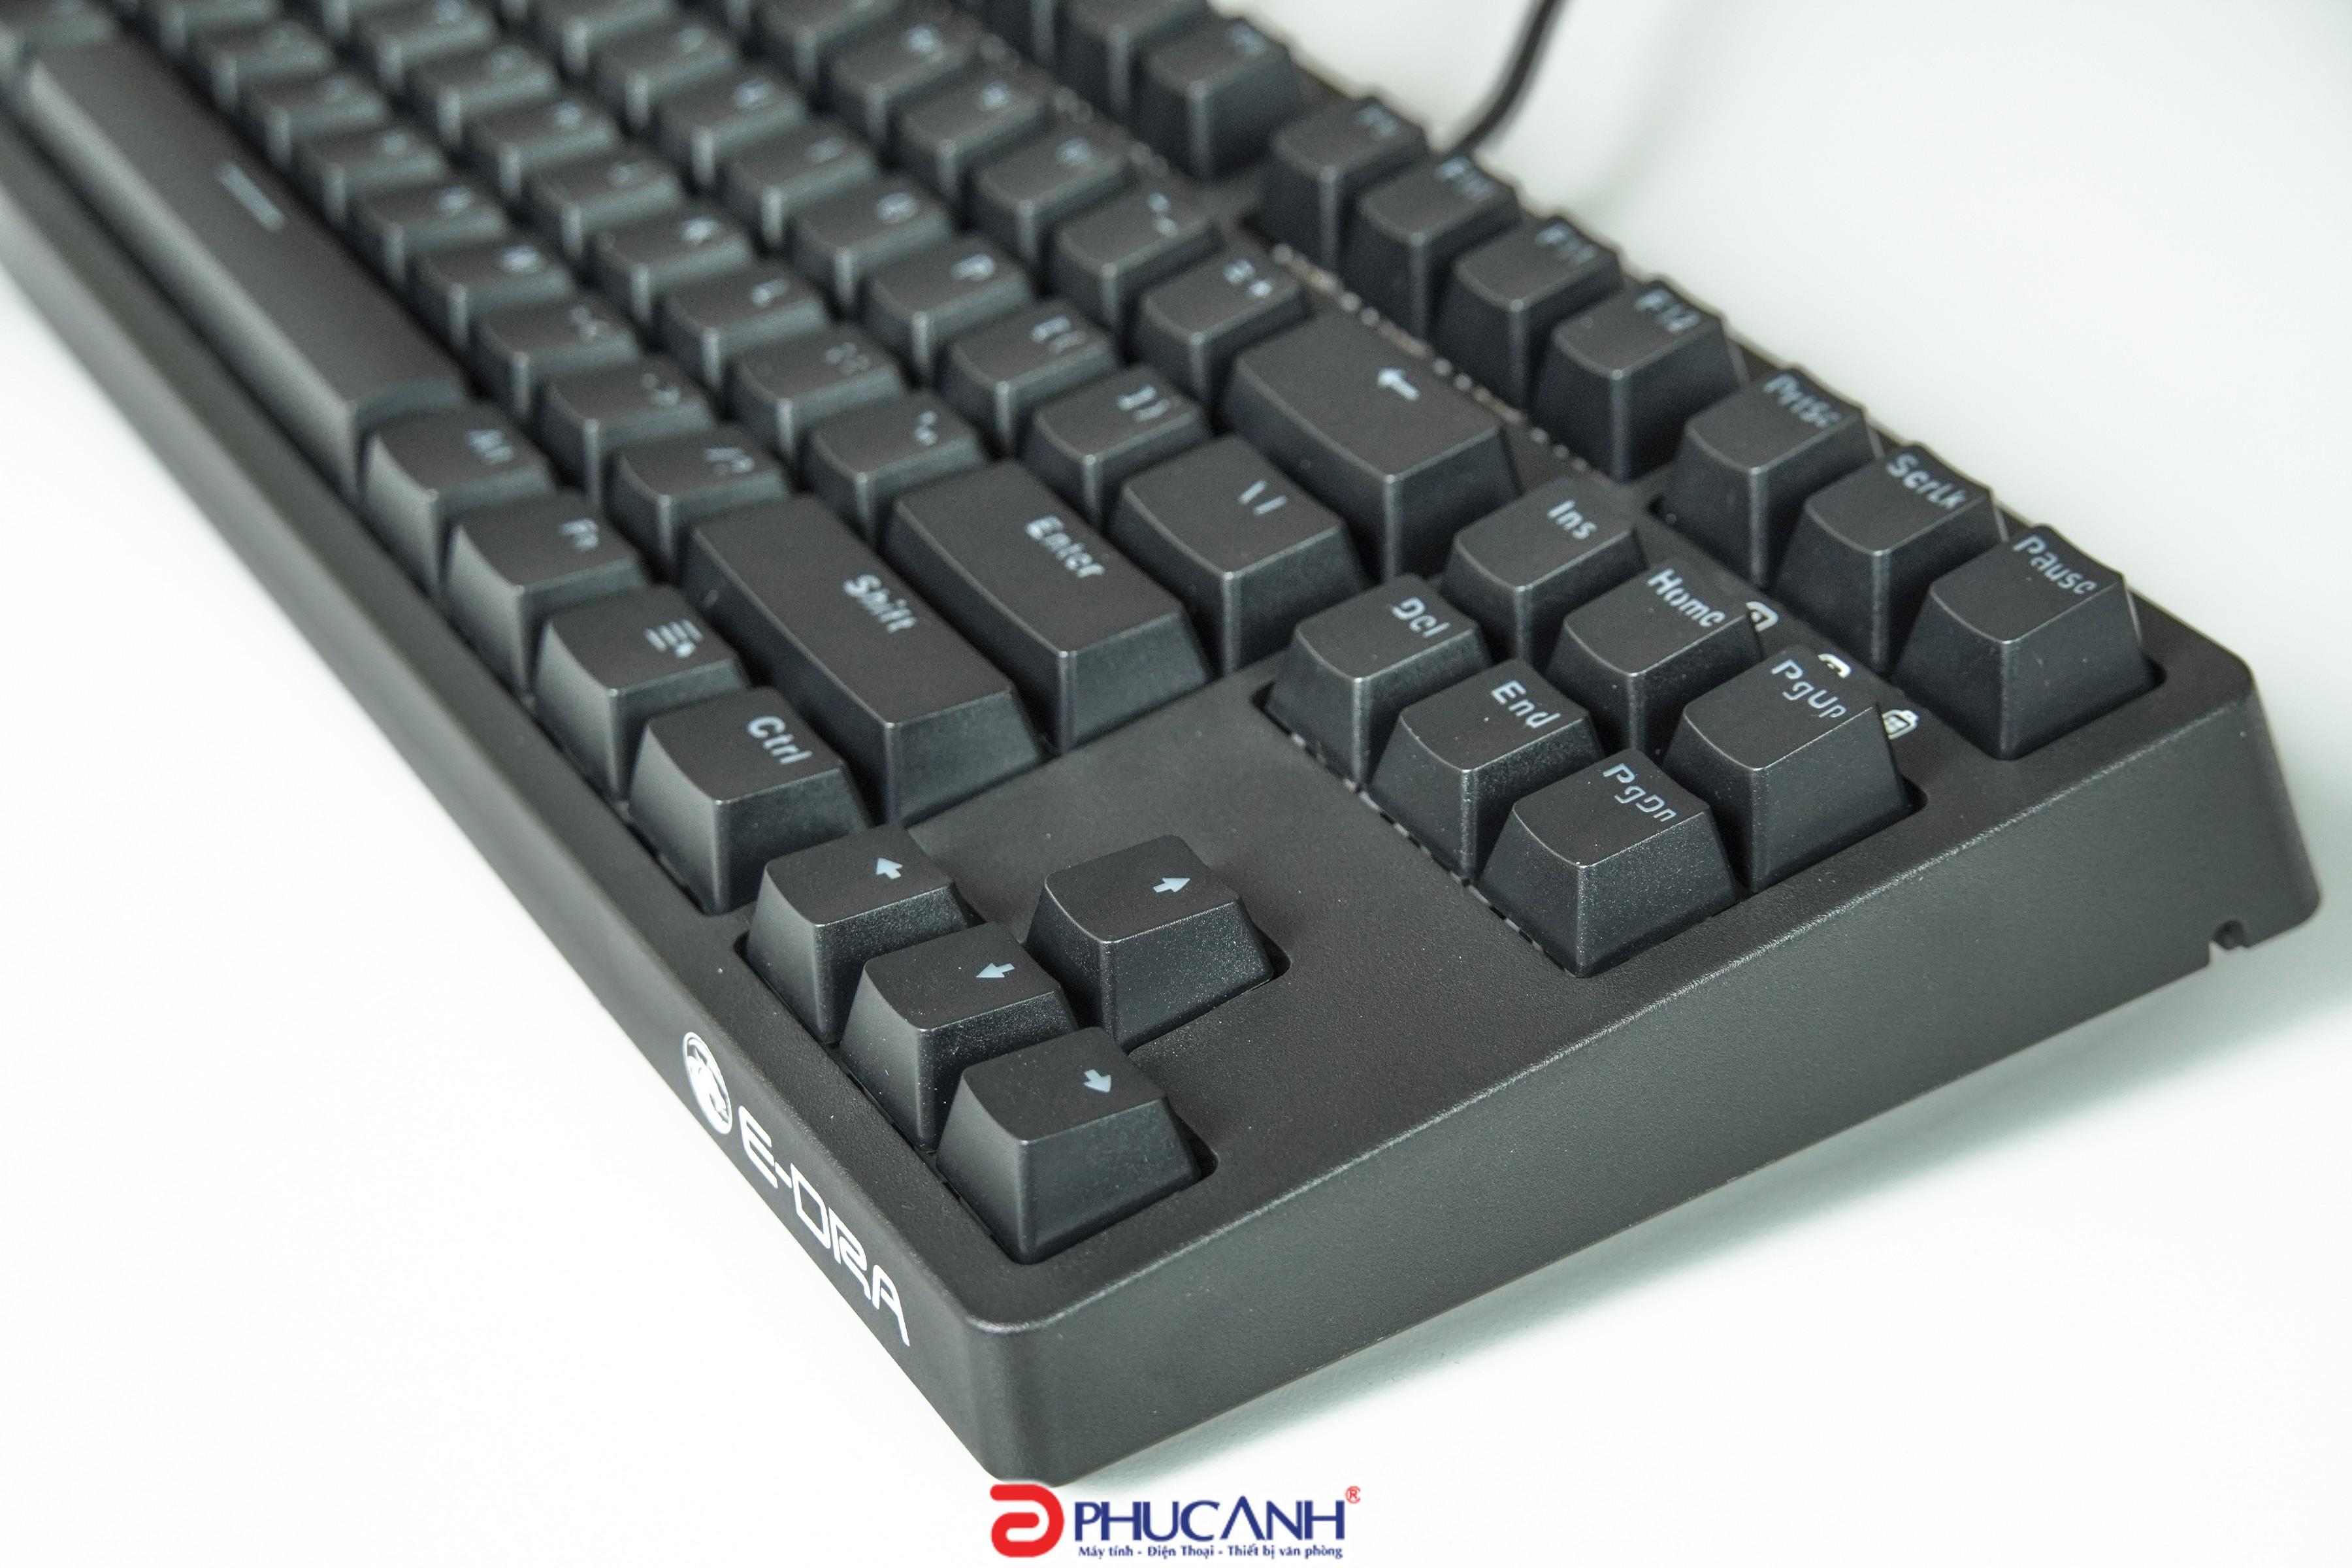 Phúc Anh- Hệ thống siêu thị Máy tính, Máy tính xách tay, Máy tính bảng, Tivi, Thiết bị kỹ thuật số và Văn phòng.